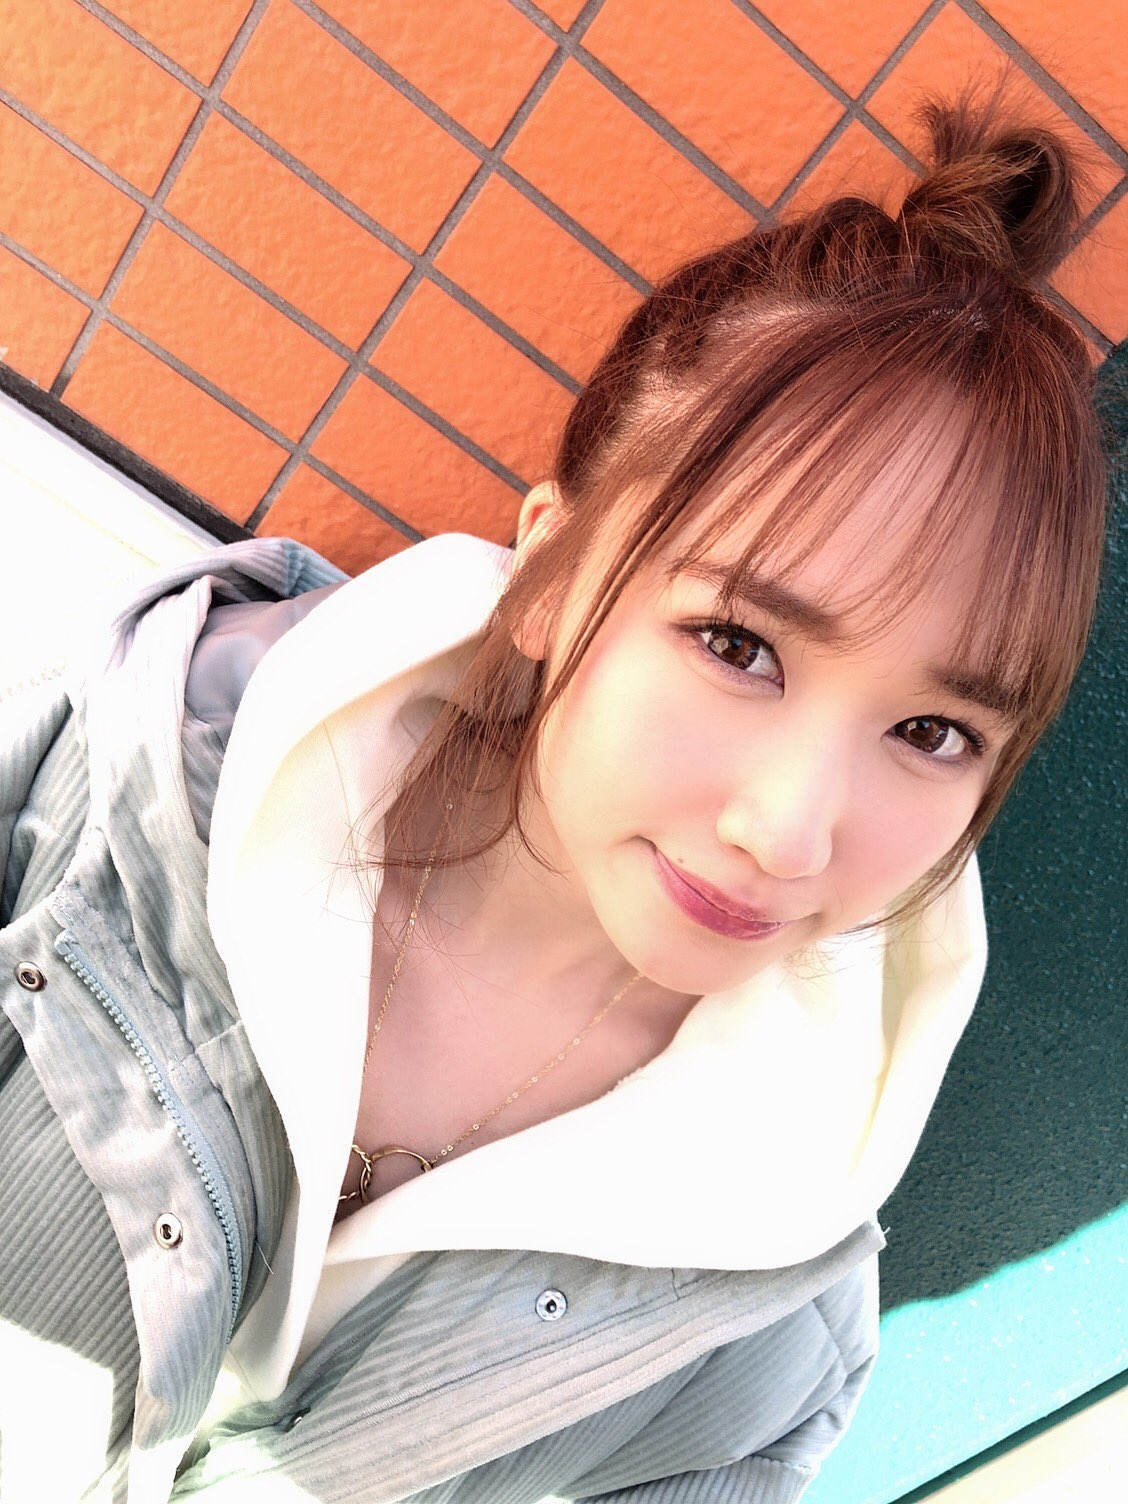 【成海美雨エロ画像】可愛いけれども性欲強めなお姉さん・成海美雨!